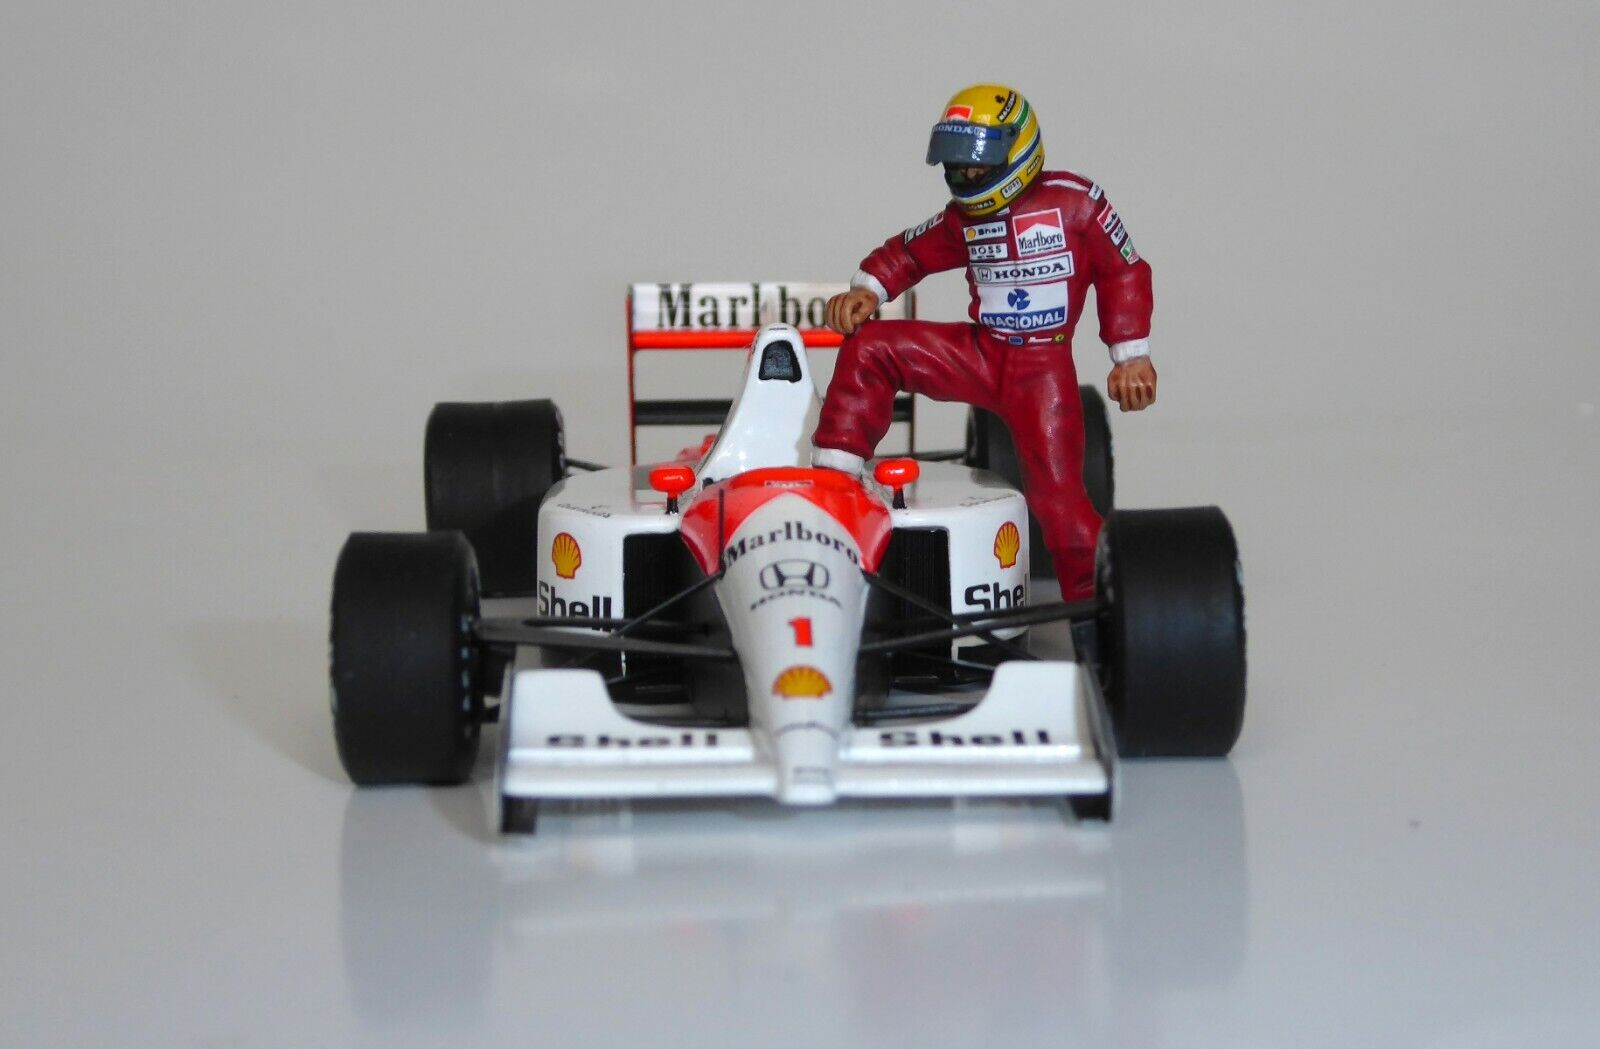 precios bajos 1 43 Ayrton Senna Mclaren Honda Estatuilla Figura Figura Figura versión en coche 1990 1991 1992  clásico atemporal